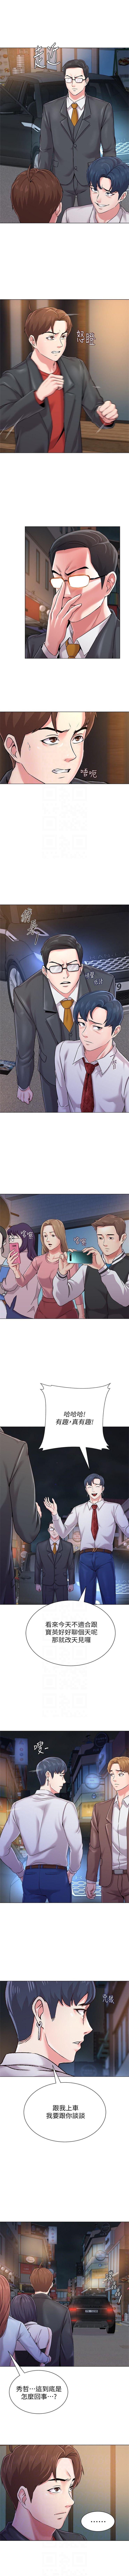 (周3)老师 1-56 中文翻译(更新中) 251